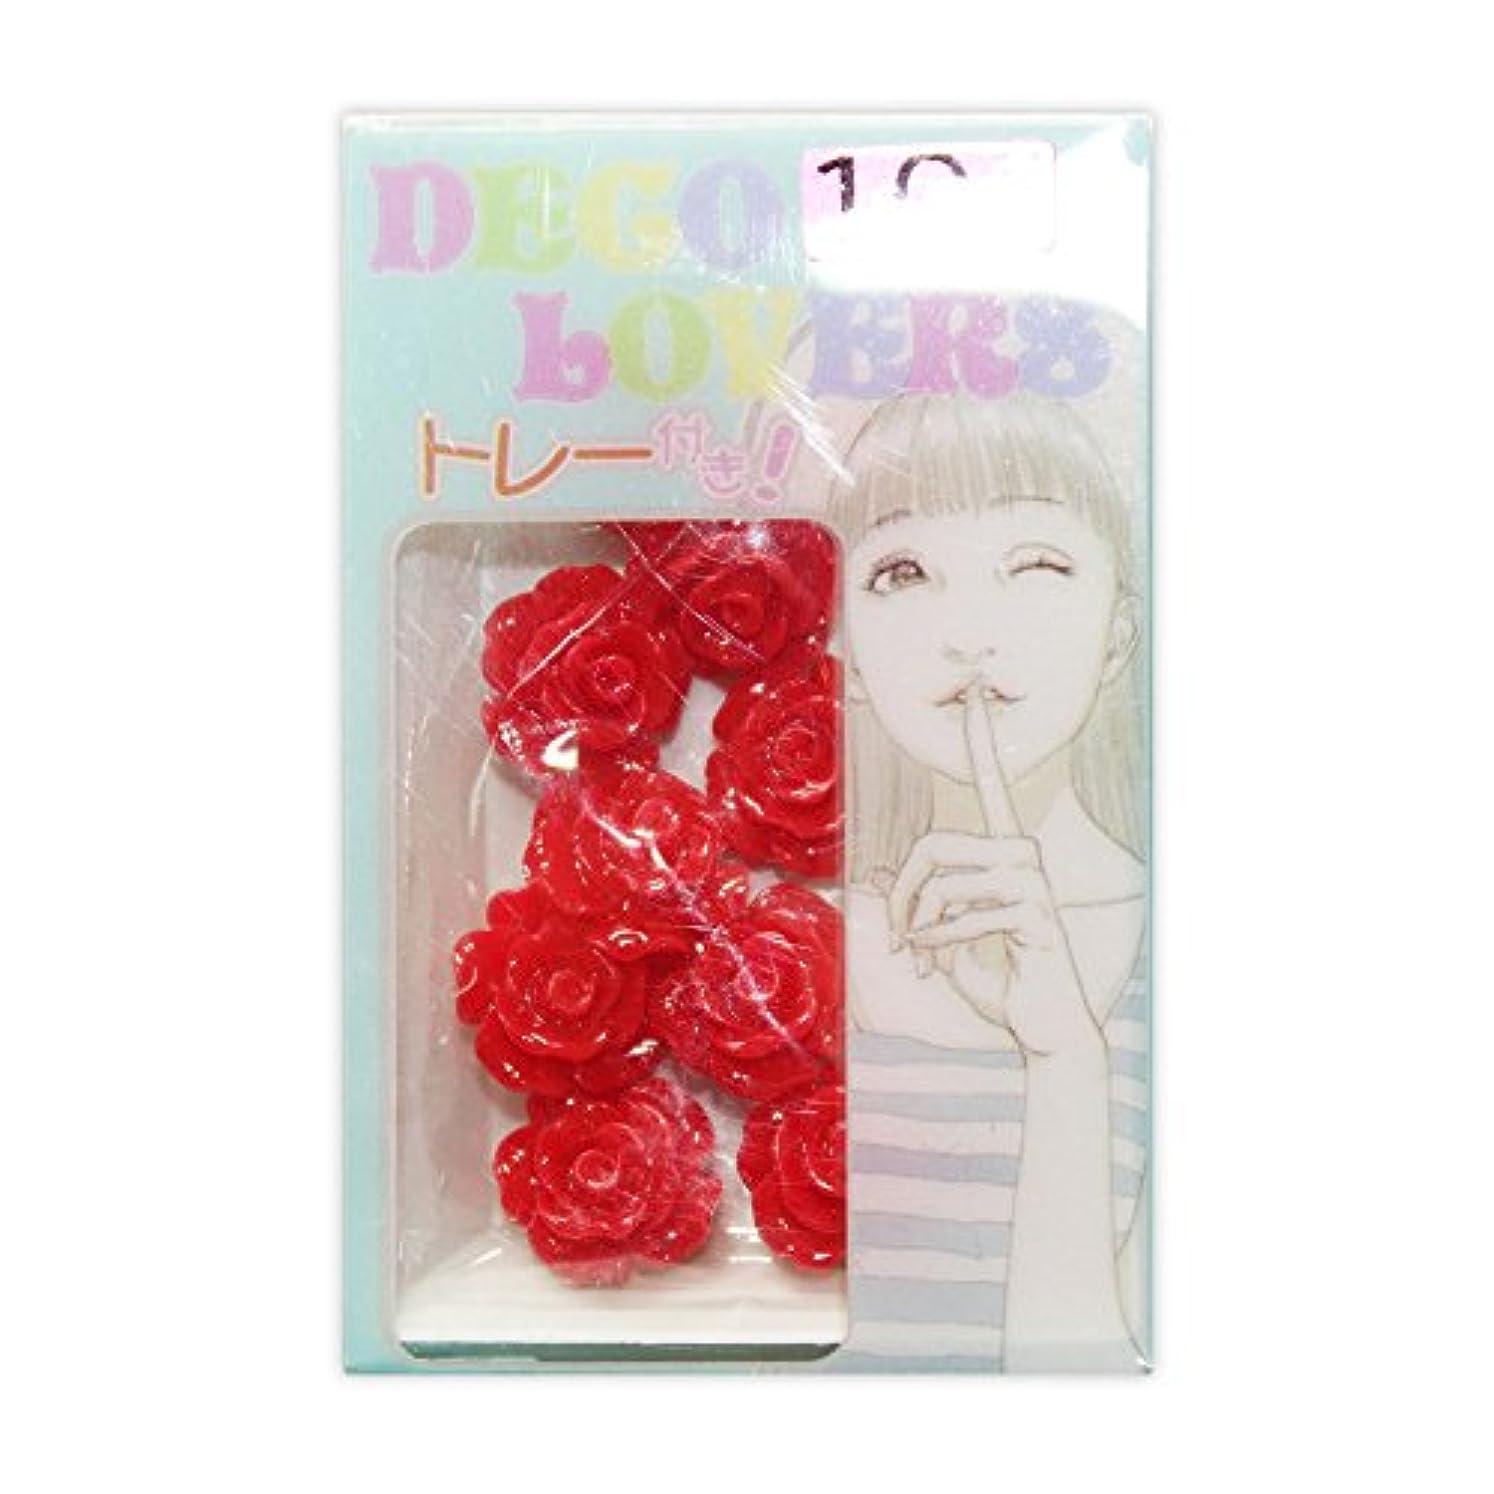 抑圧仲人引き付けるラインストーン DL017/flower rosem red